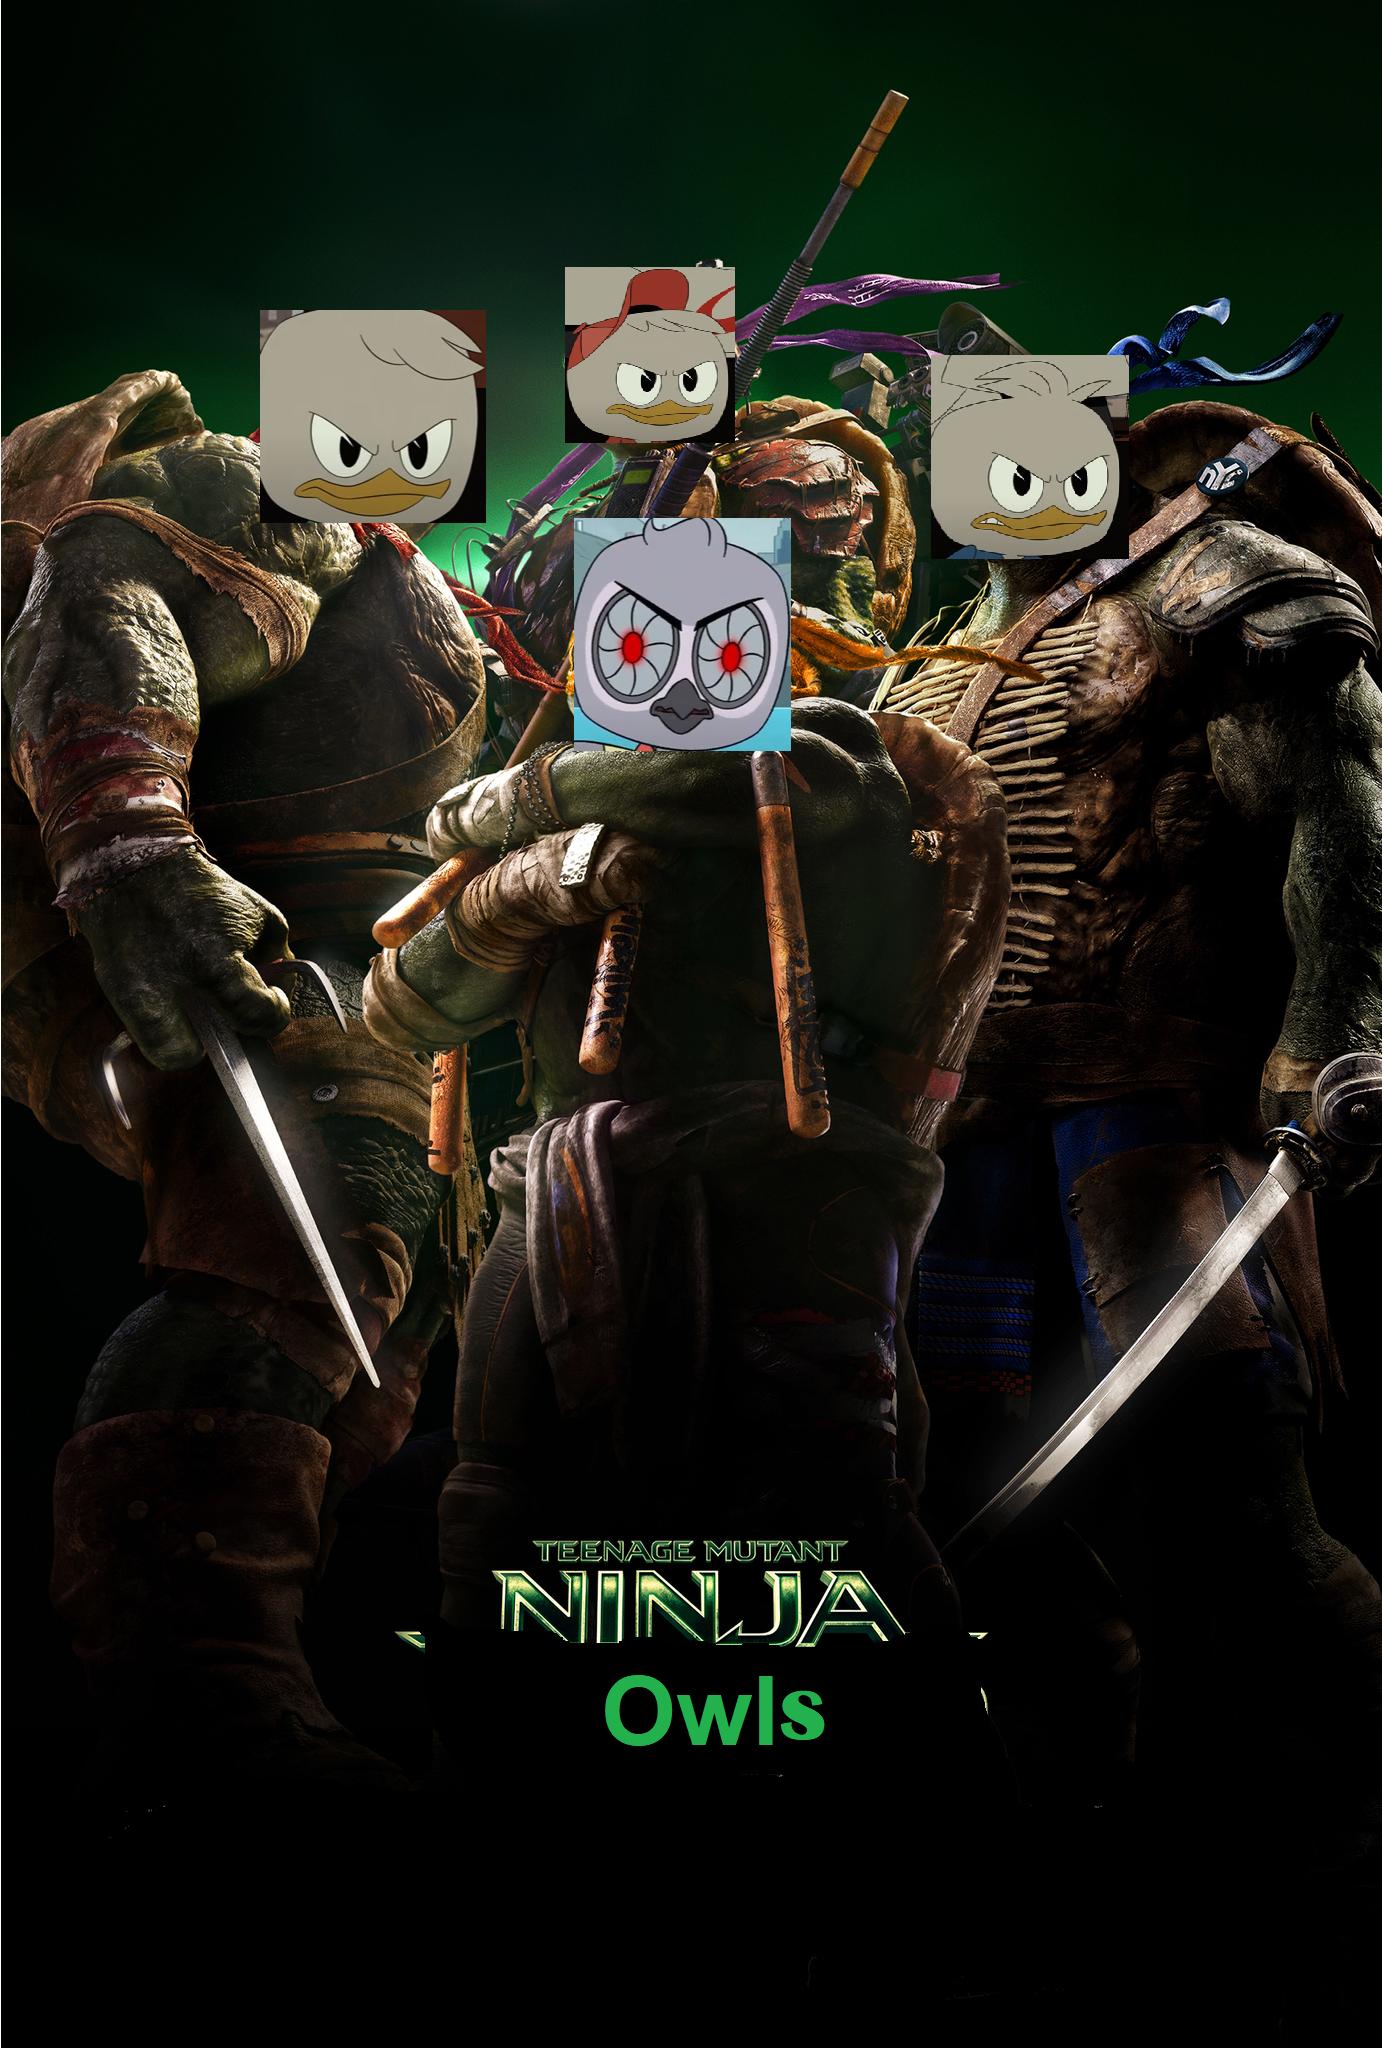 Teenage Mutant Ninja Owls (2014)